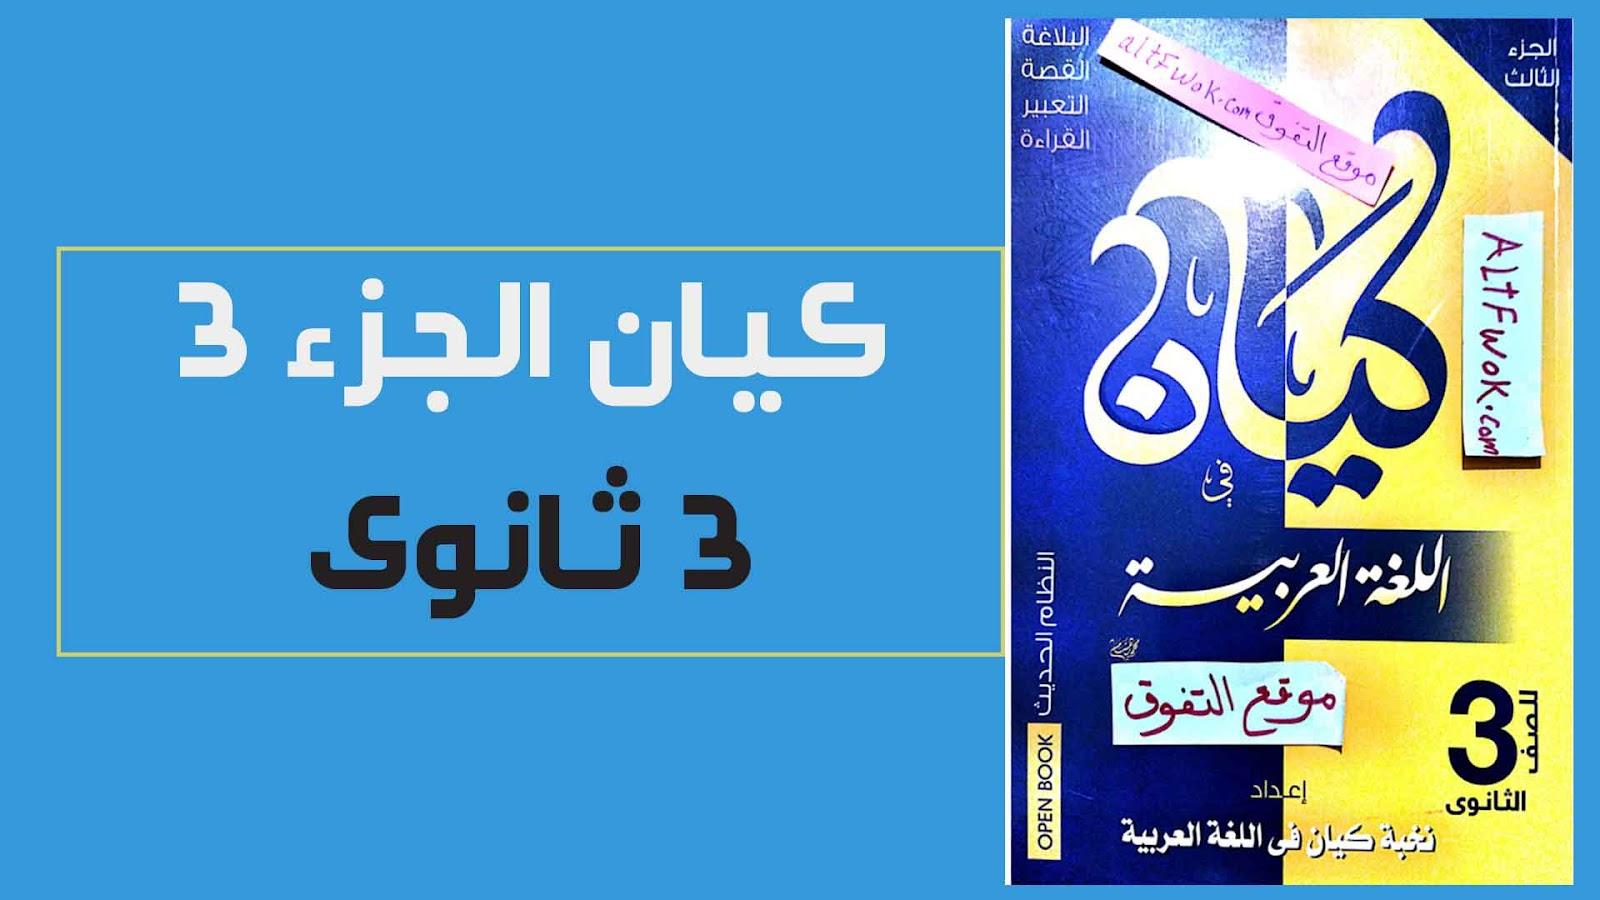 تحميل كتاب كيان فى اللغة العربية pdf للصف الثالث الثانوى 2022 (الجزء الثالث:كتاب البلاغة والقصة والقراءة كامل)